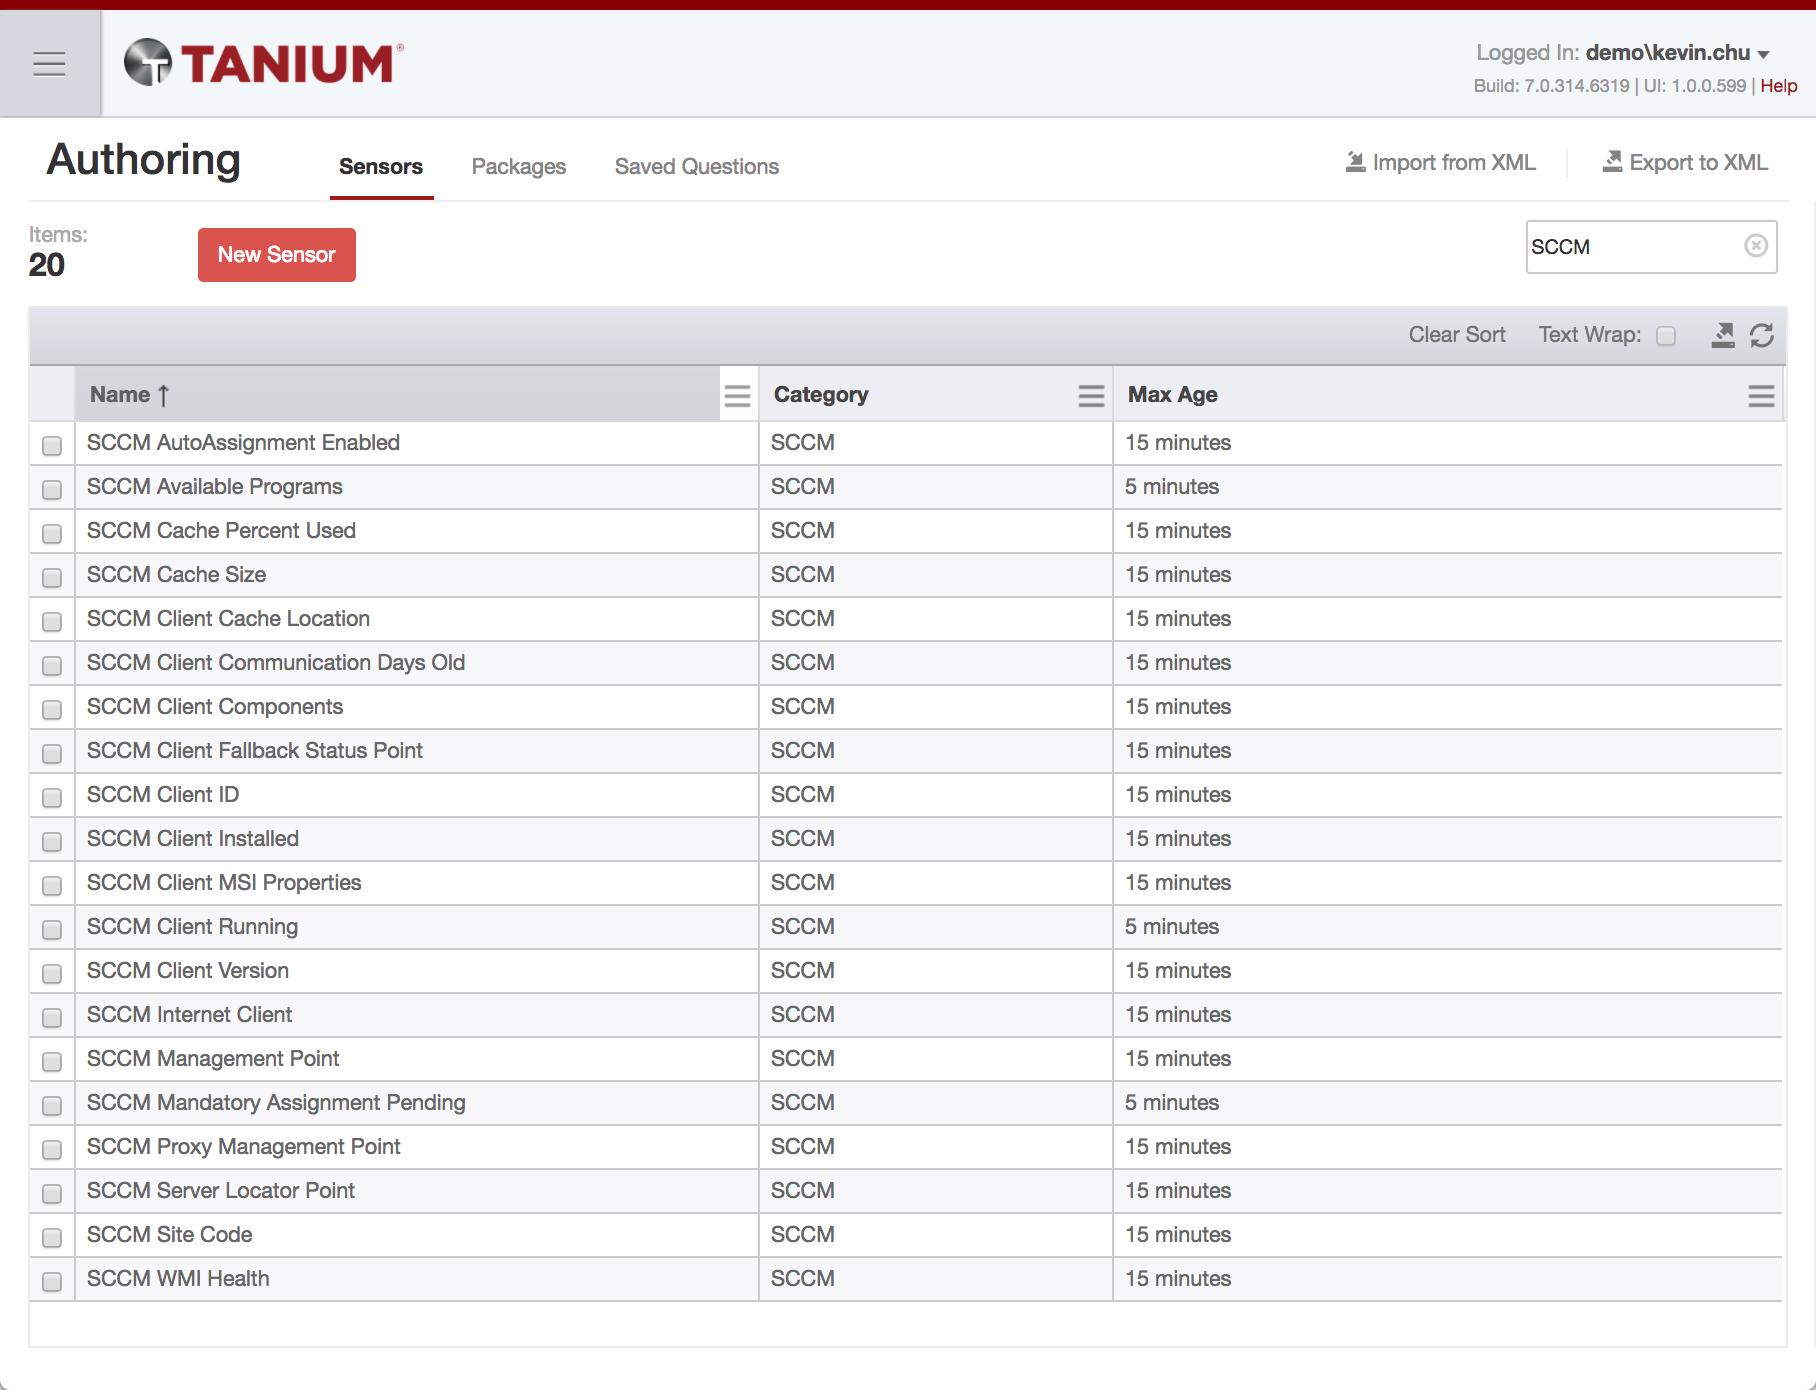 Tanium Console Authoring Tab